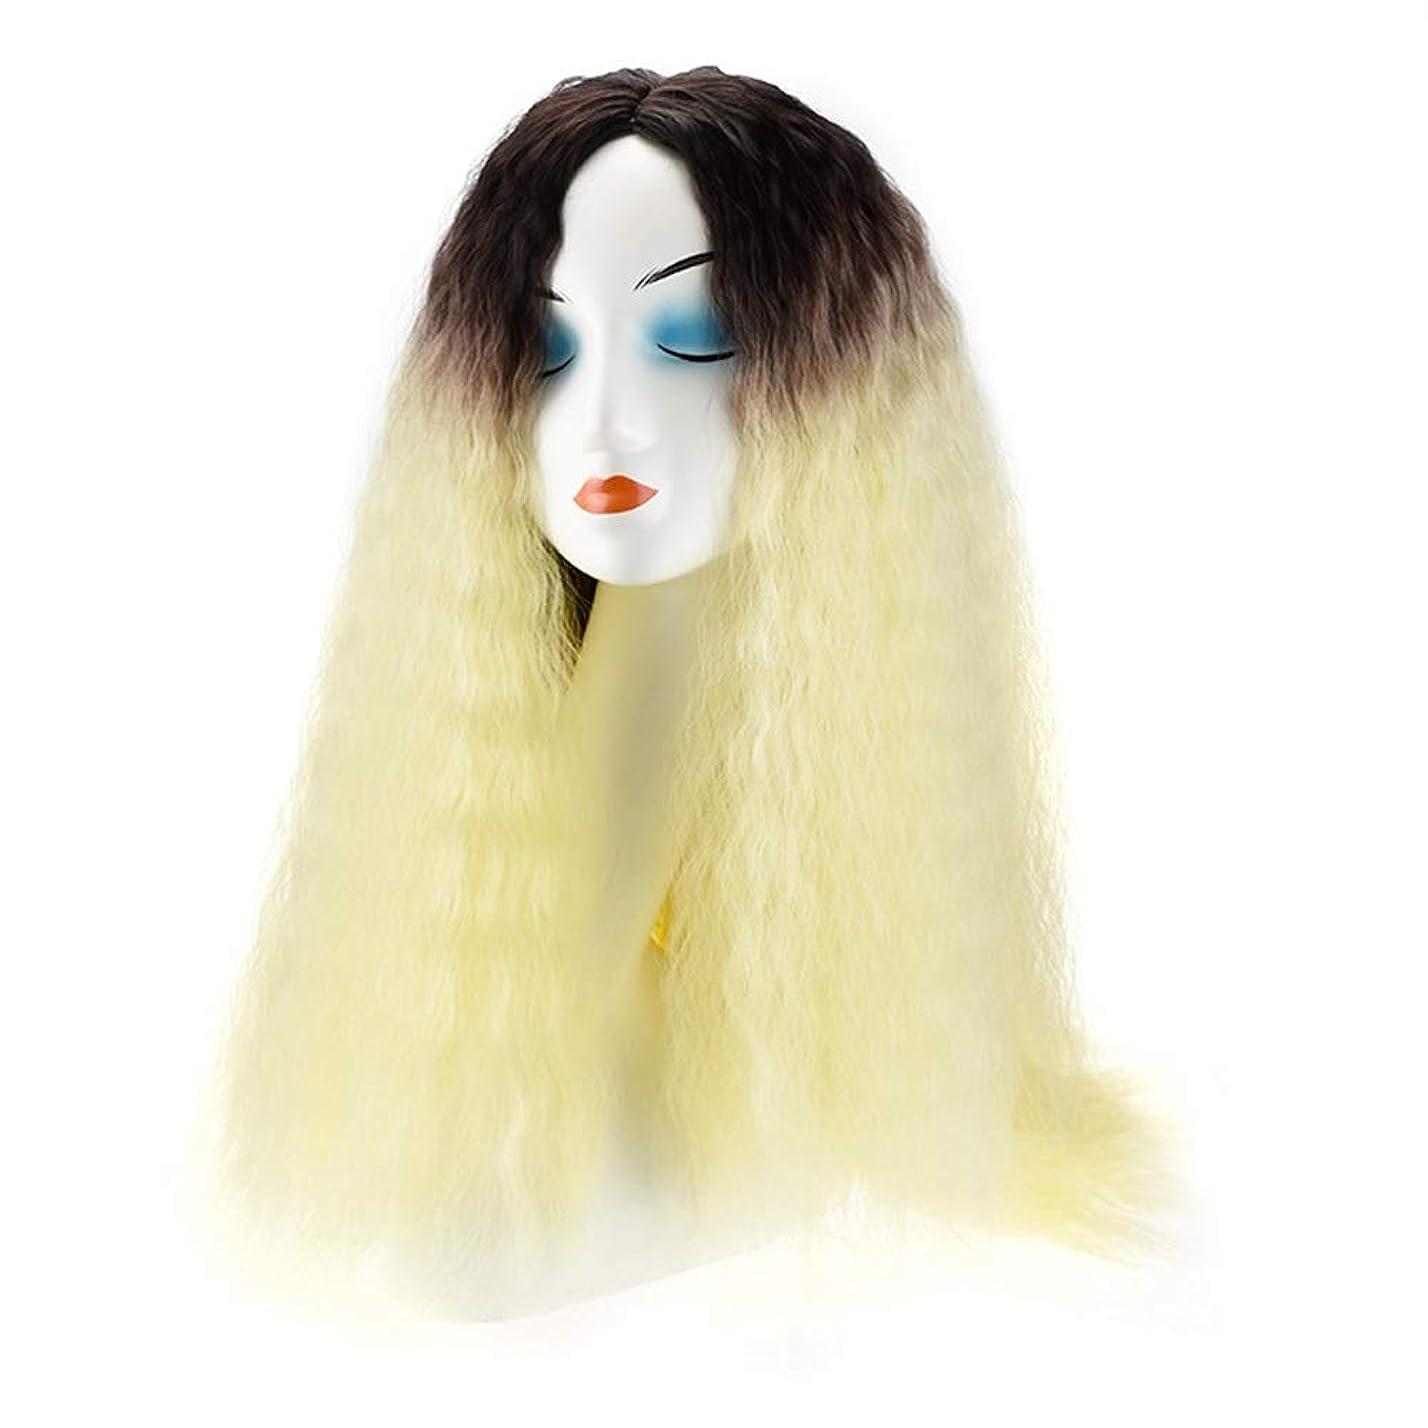 外交官回転墓YESONEEP 20インチブロンド変態ストレートコーンホットウィッグファッションビッグウェーブロングヘア人工毛用女性毎日のドレスパーティーかつら (色 : Blonde)